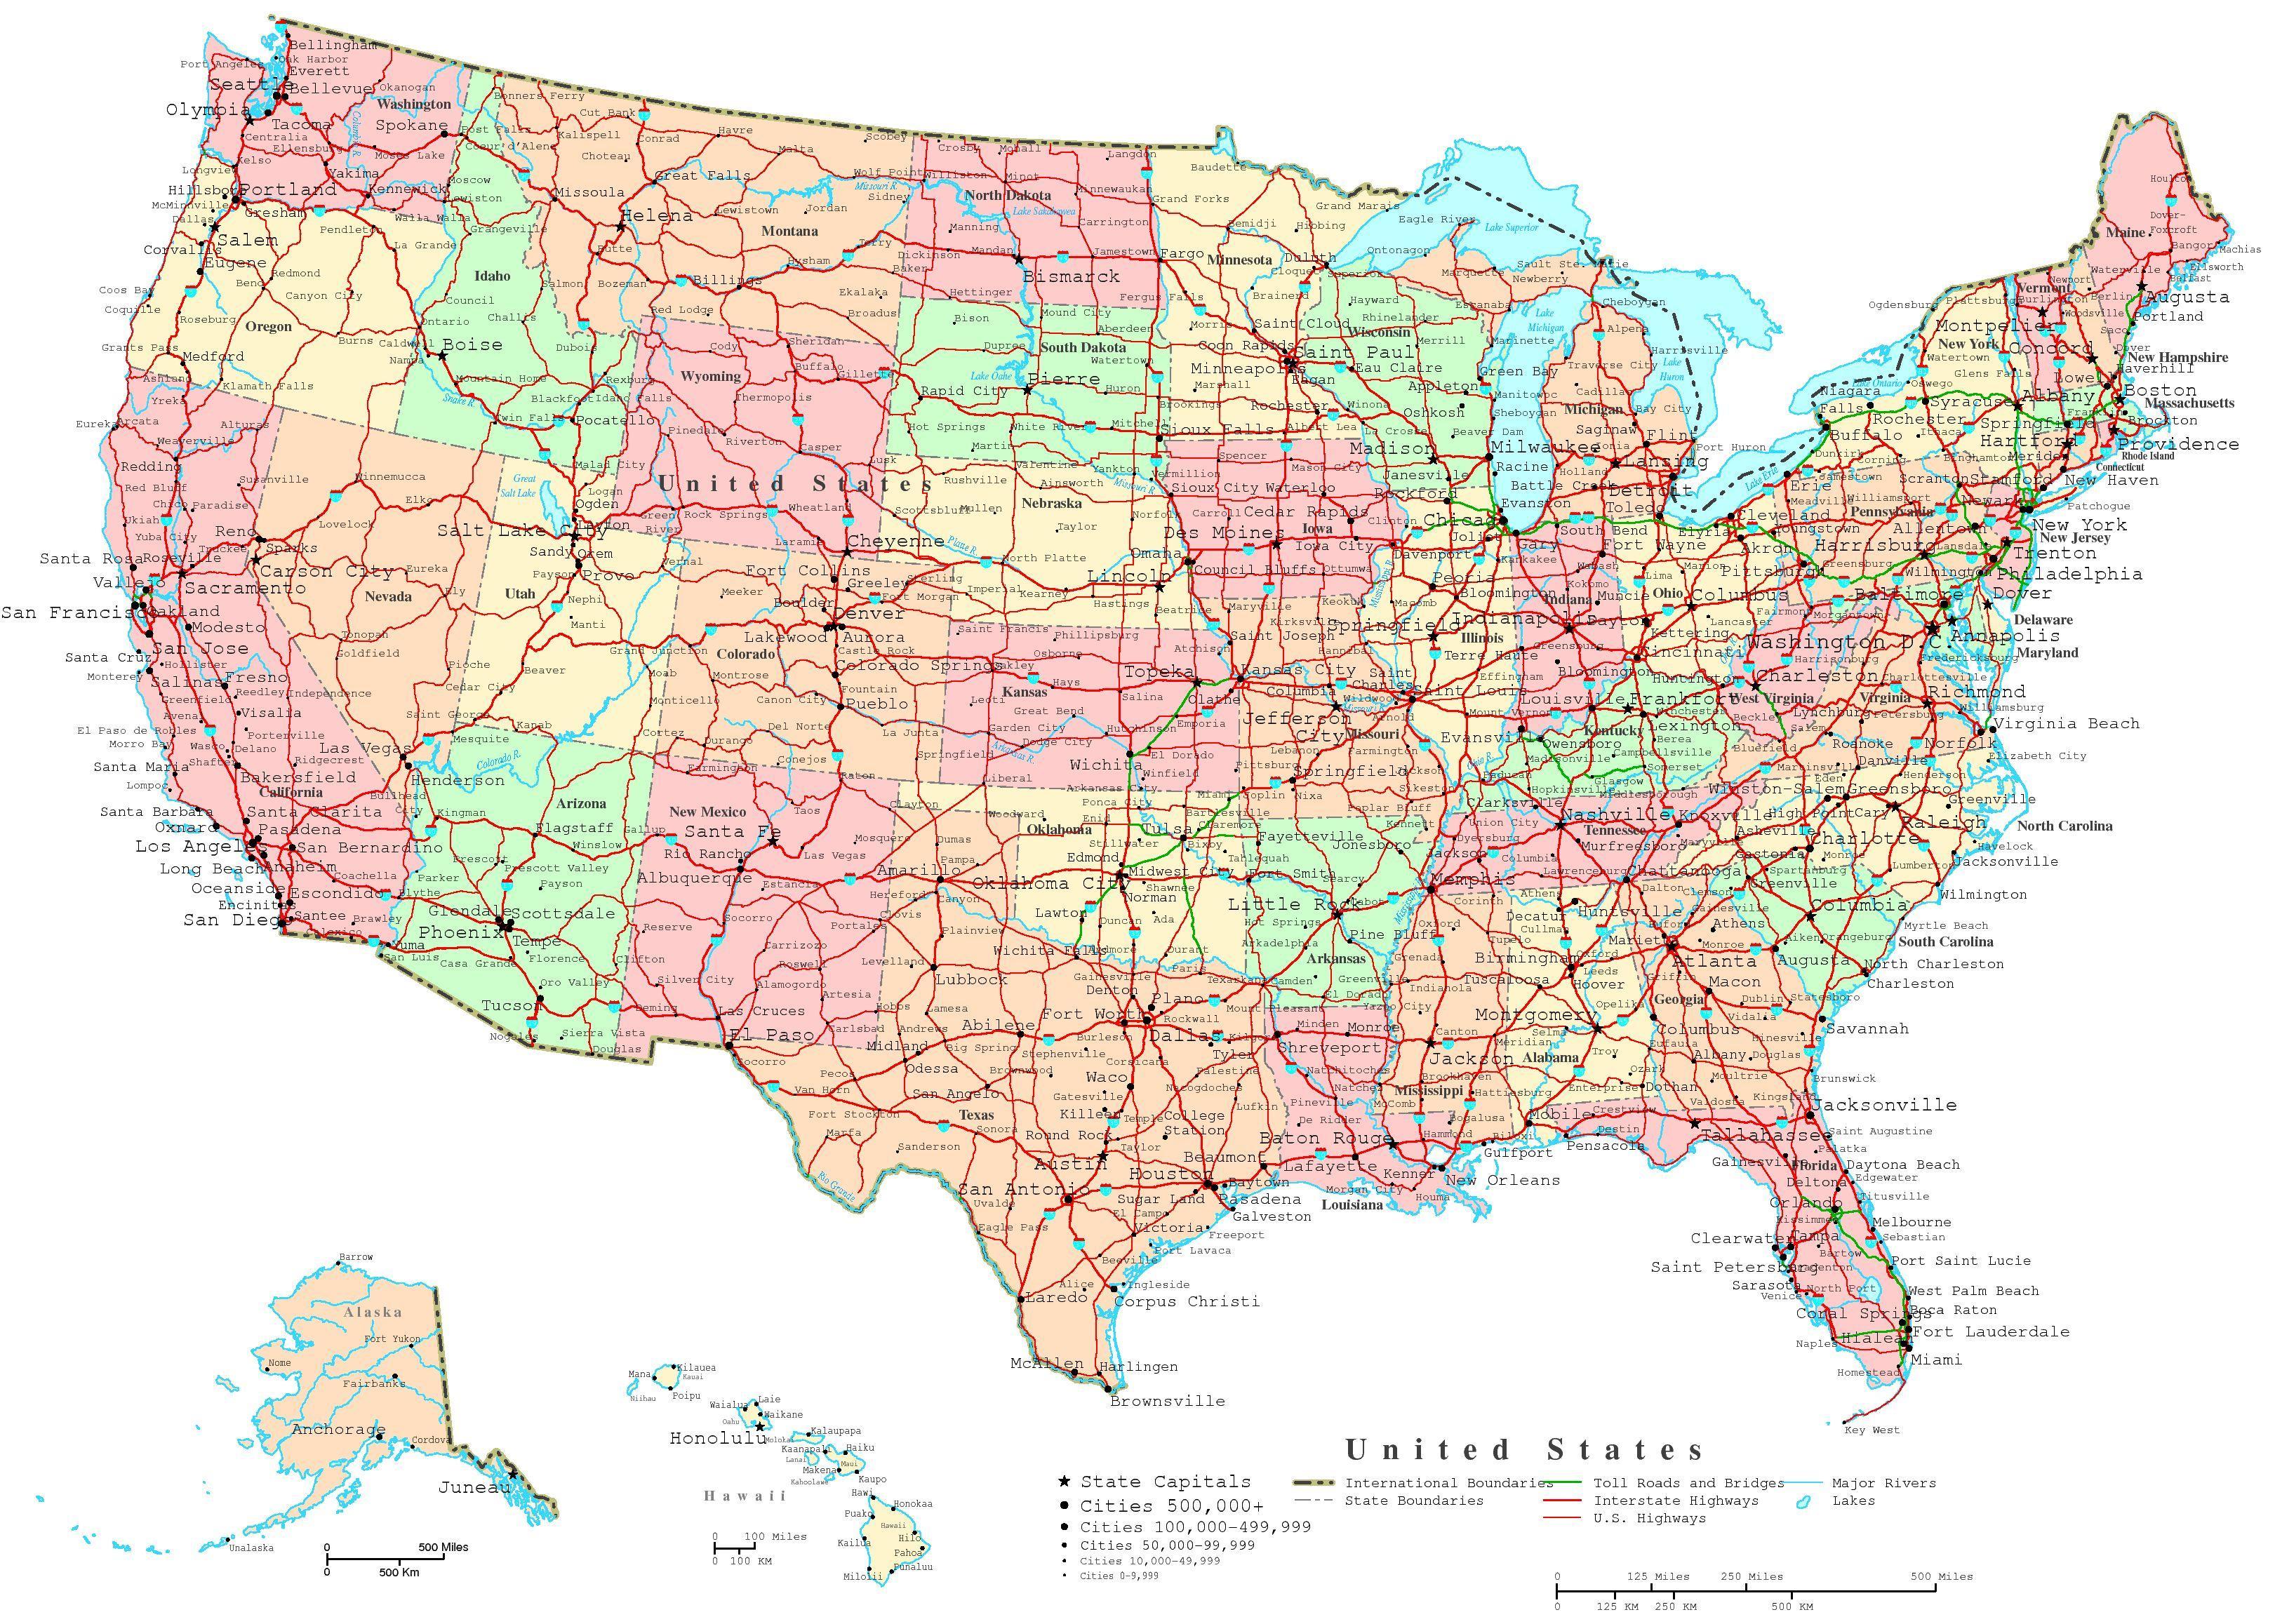 La Cartina Geografica Degli Stati Uniti.Mappa Stradale Nord Est Usa Mappa Stradale Di Nord Est Degli Stati Uniti America Del Nord America